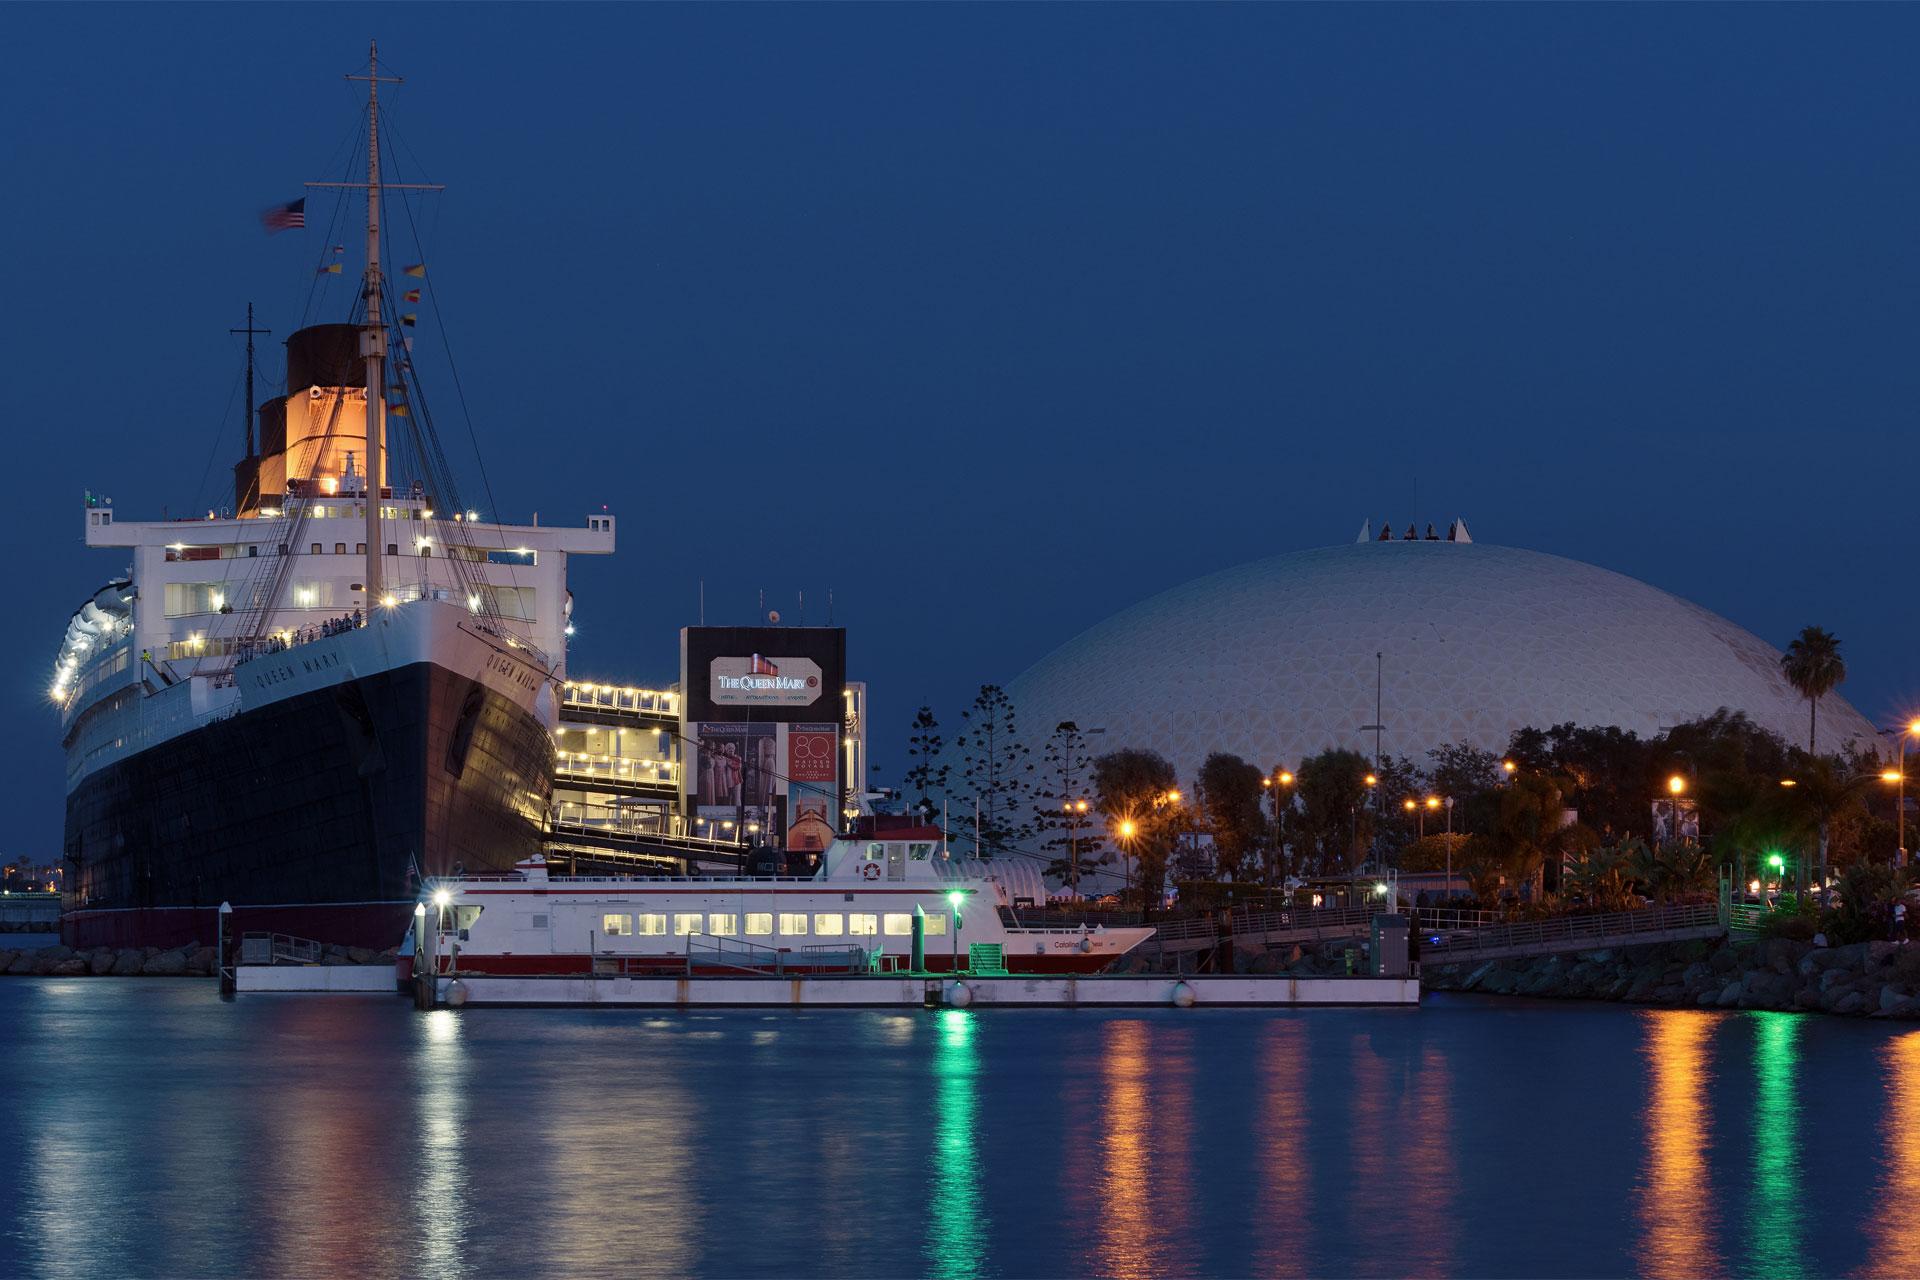 Long Beach,California; Courtesy of Angel DiBilio/Shutterstock.com